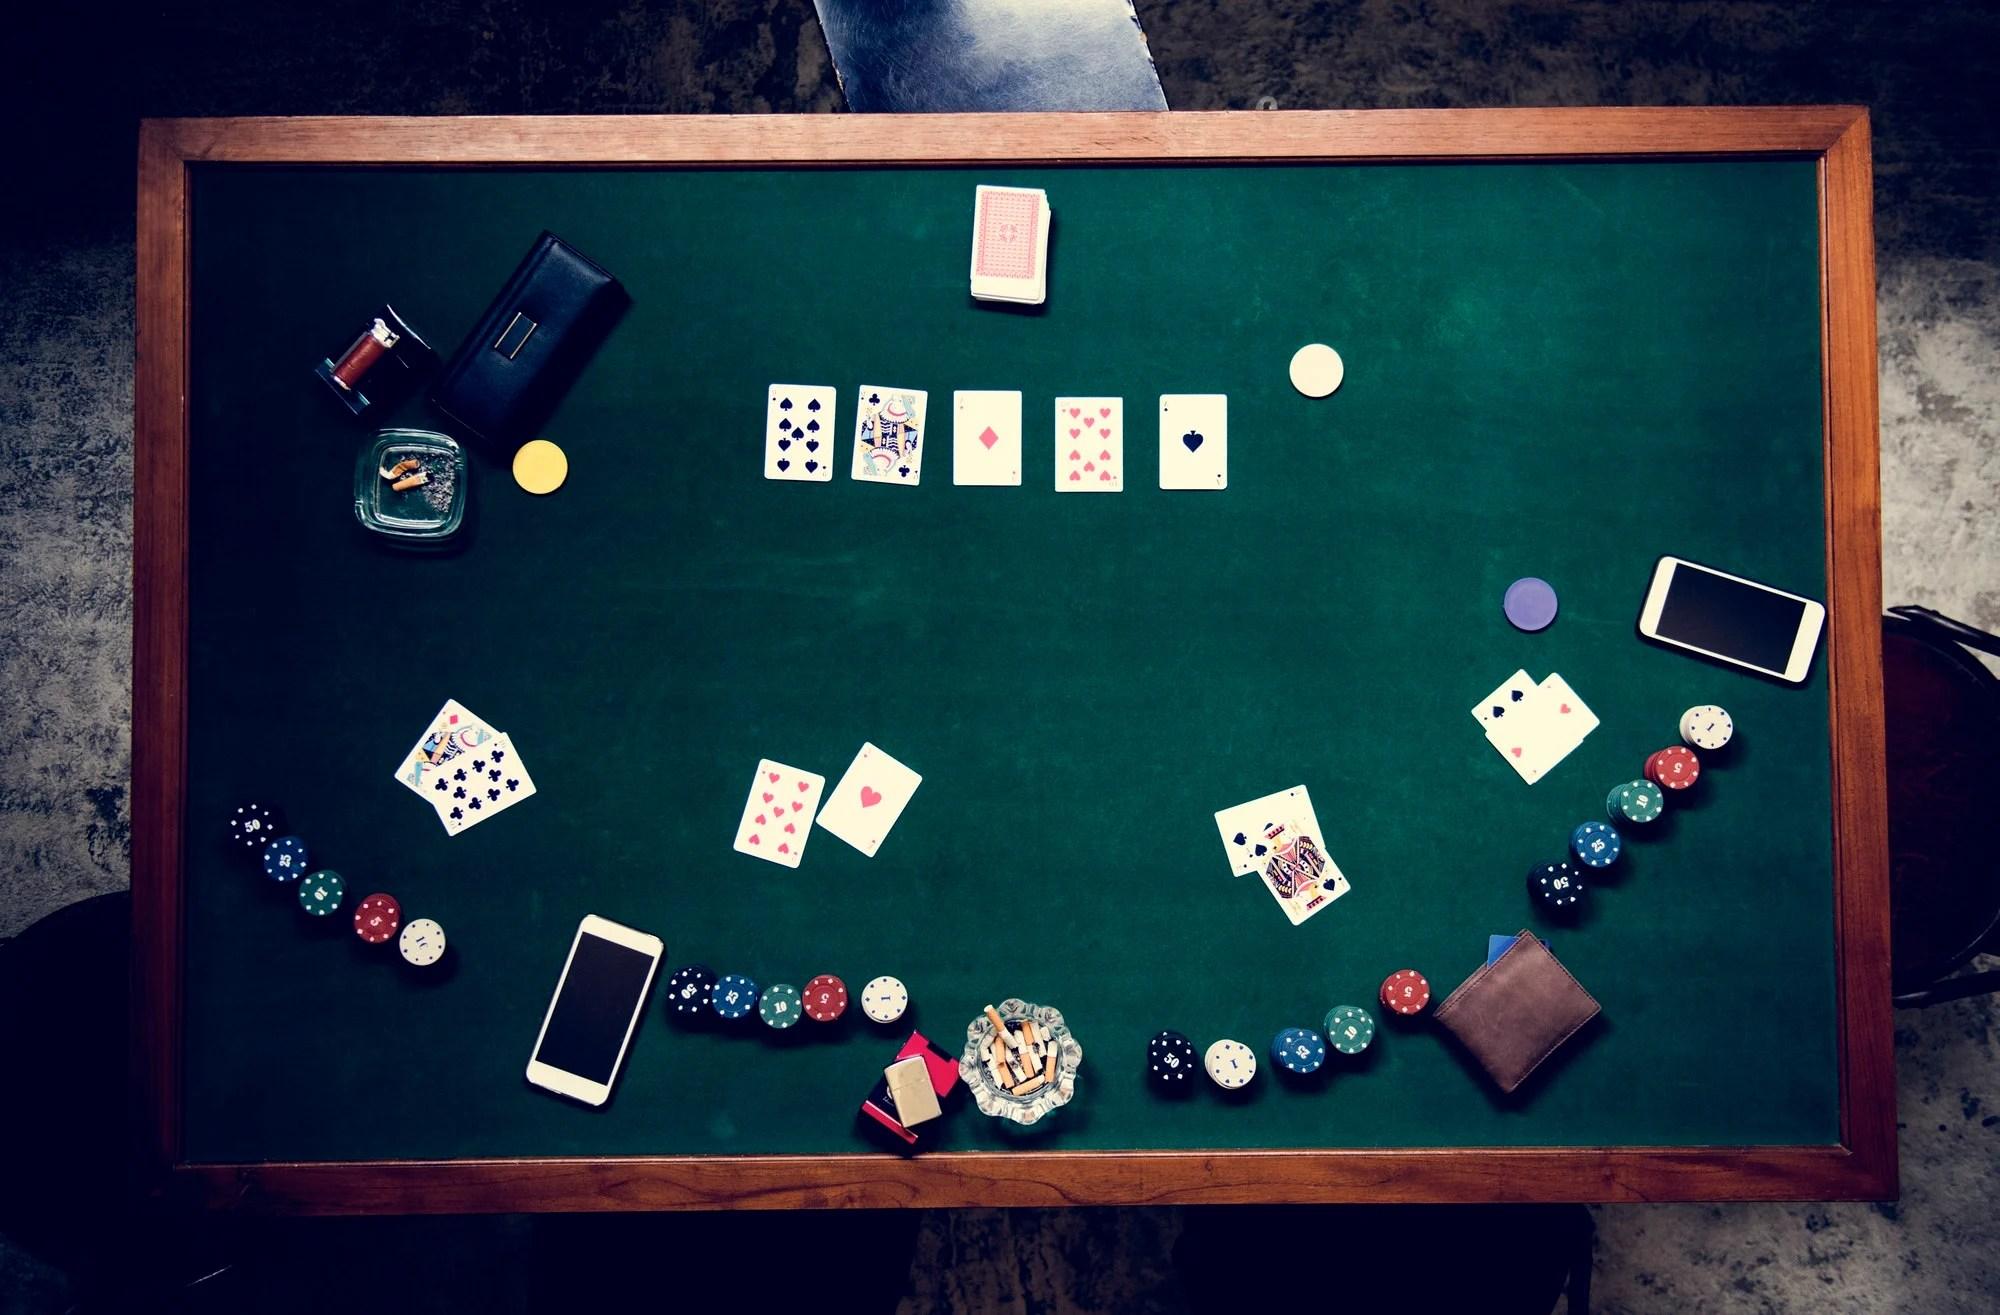 Gamble in casino betting